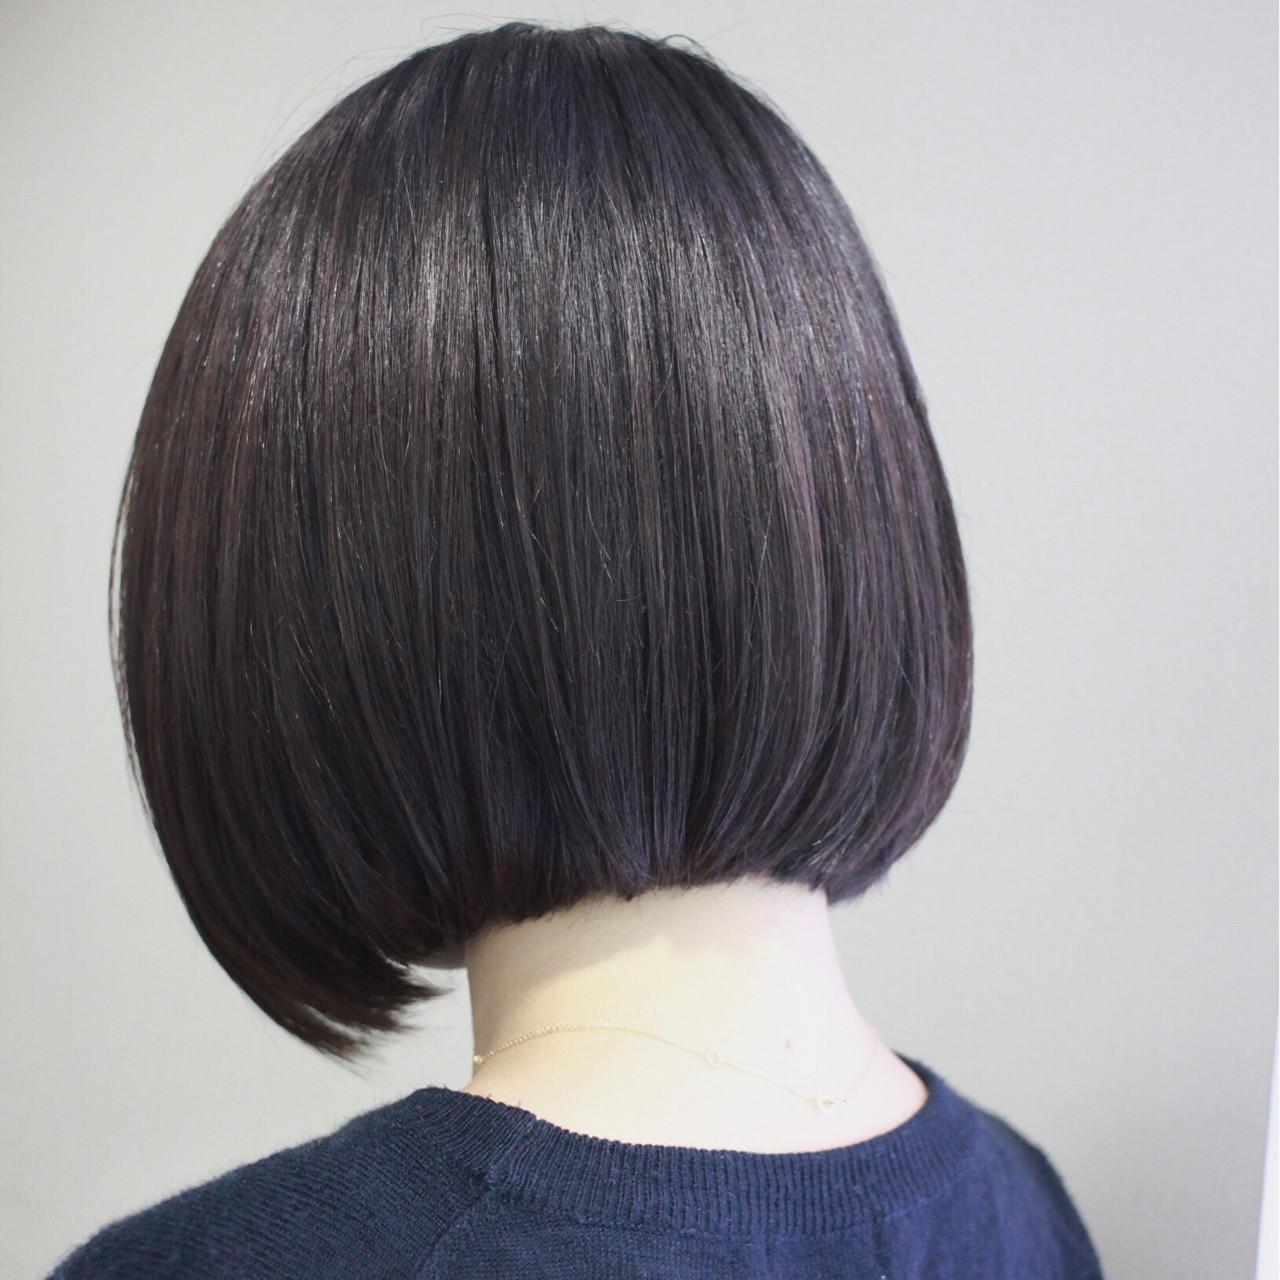 ボブ ナチュラル 前下がり ショートヘアスタイルや髪型の写真・画像